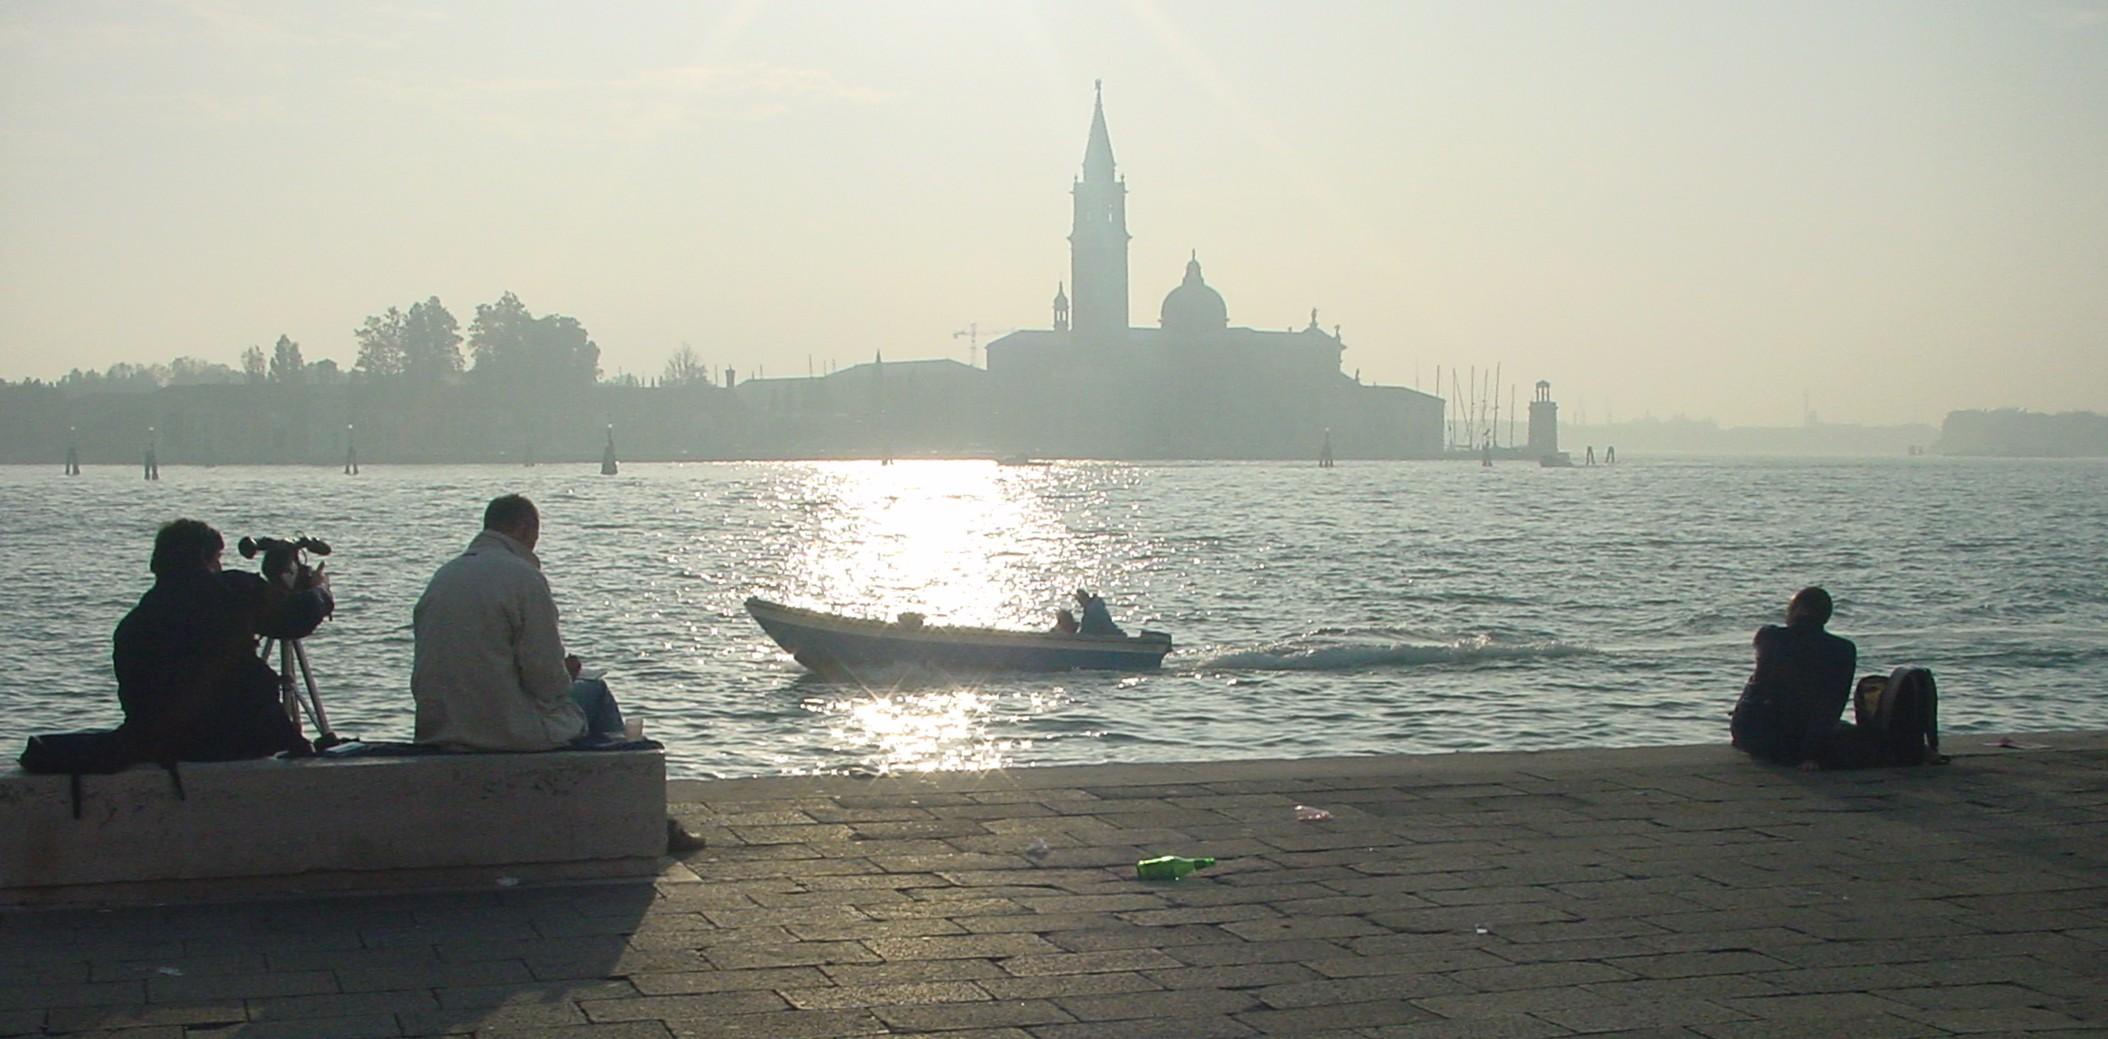 abseits der üblichen Motive von Venedig